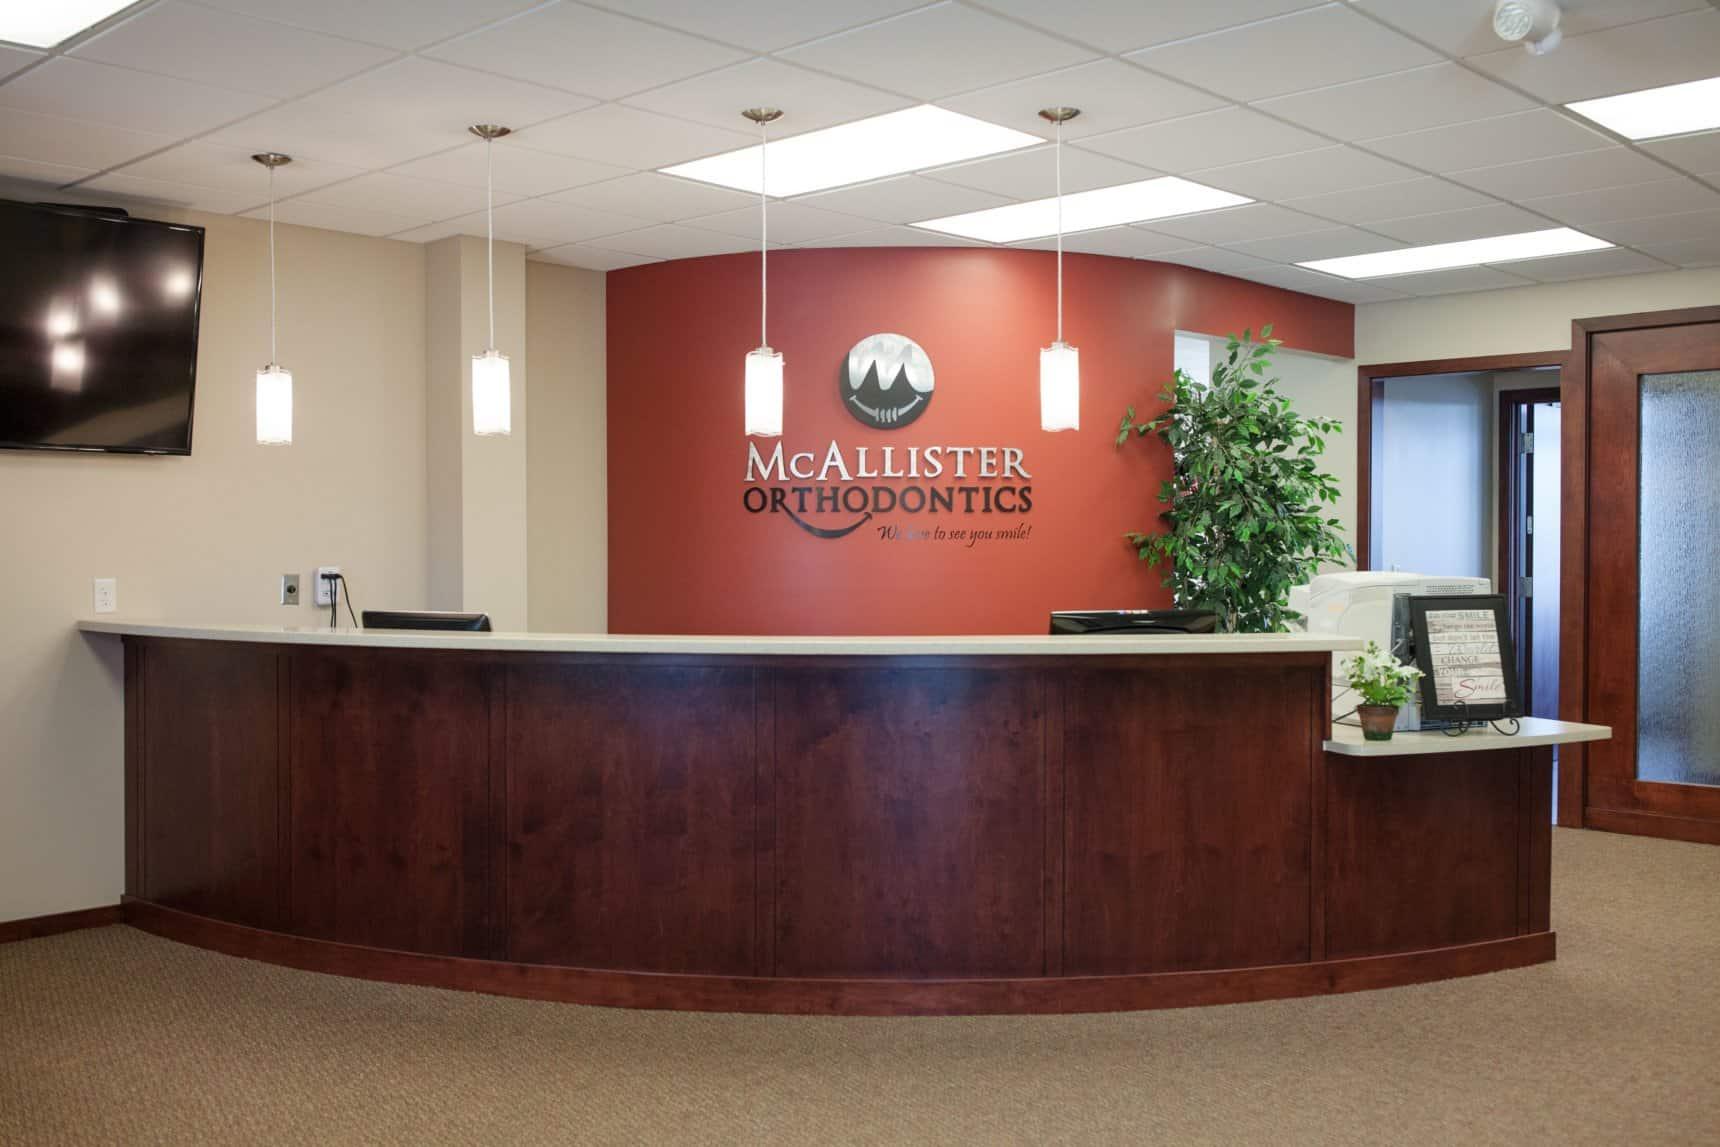 McAllister Orthodontics Office Omaha Nebraska